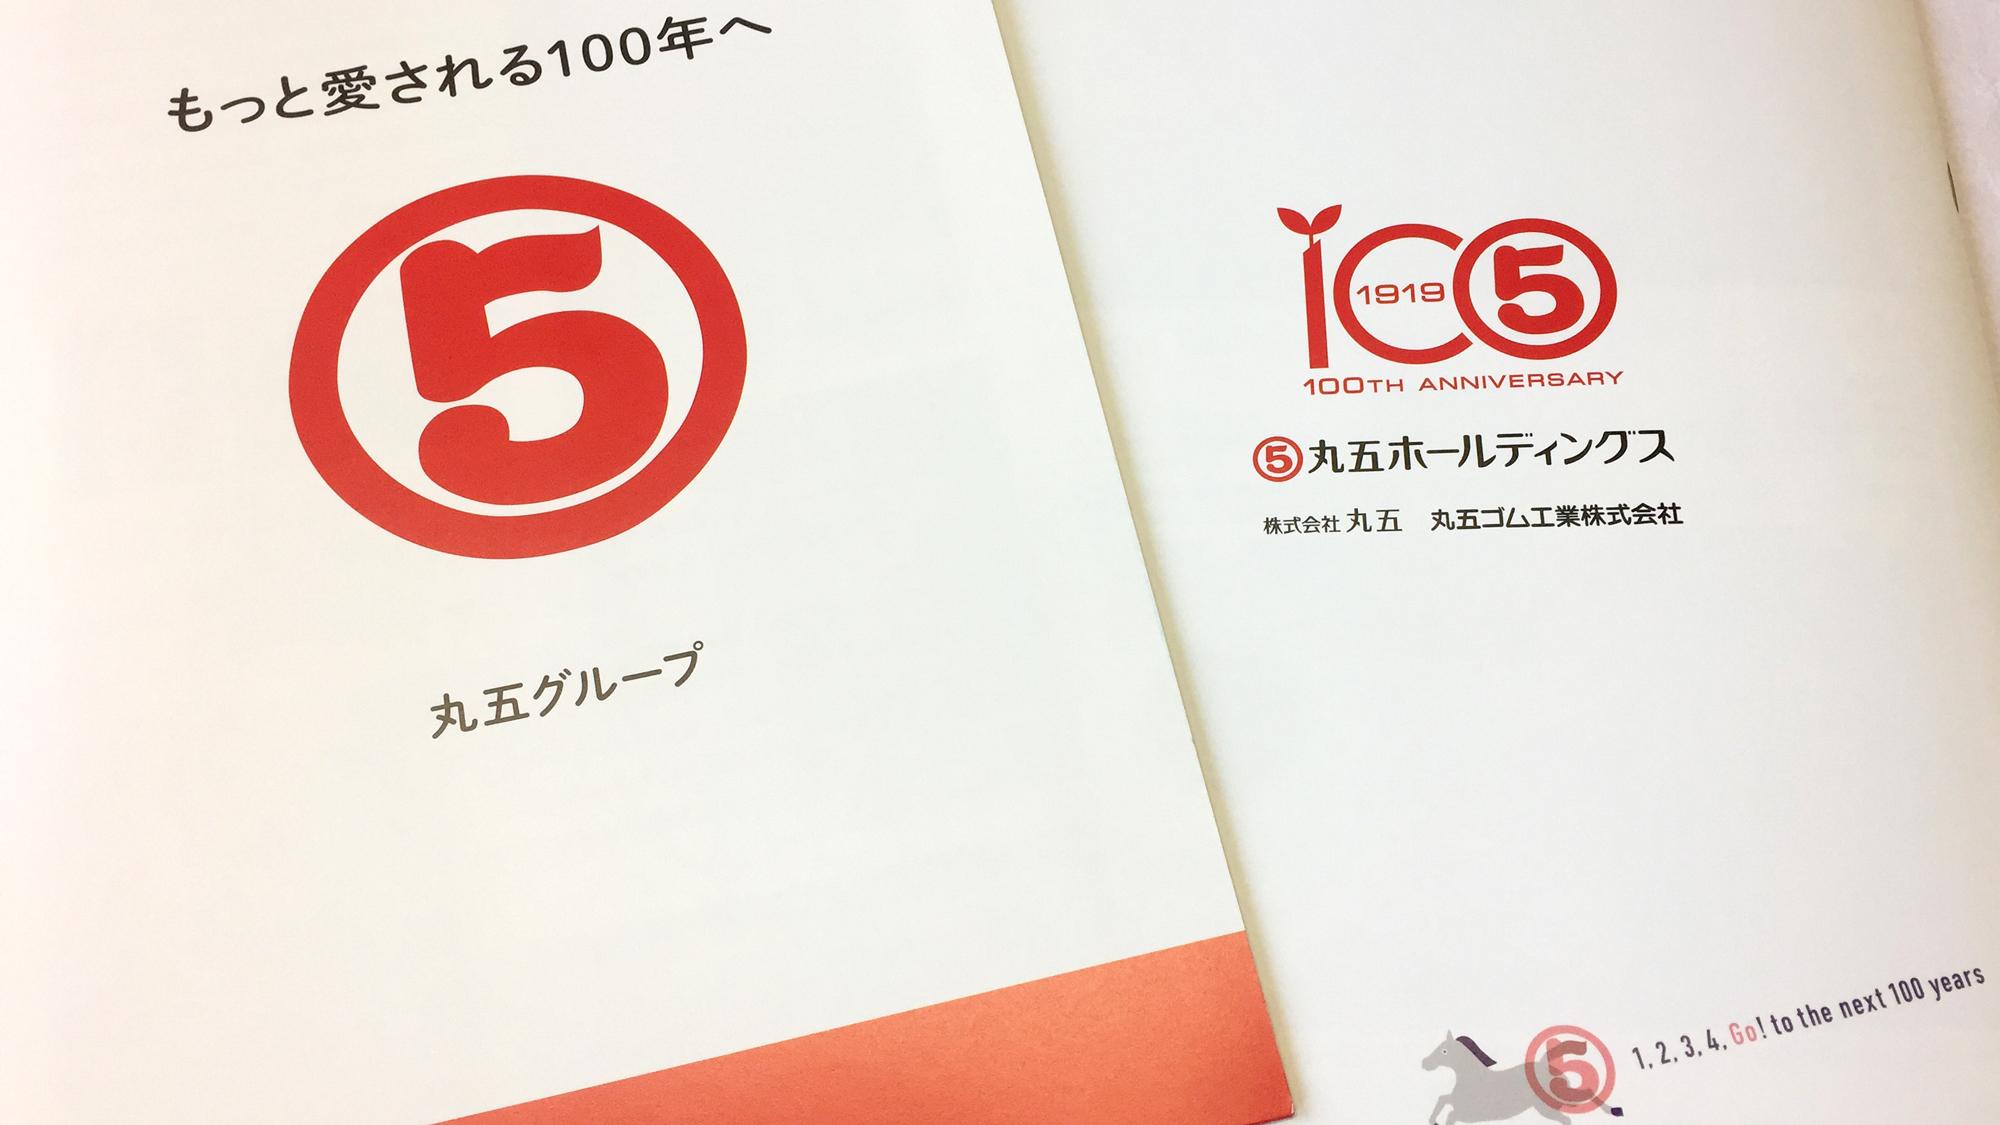 丸五グループ創業100周年記念誌「もっと愛される100年へ」